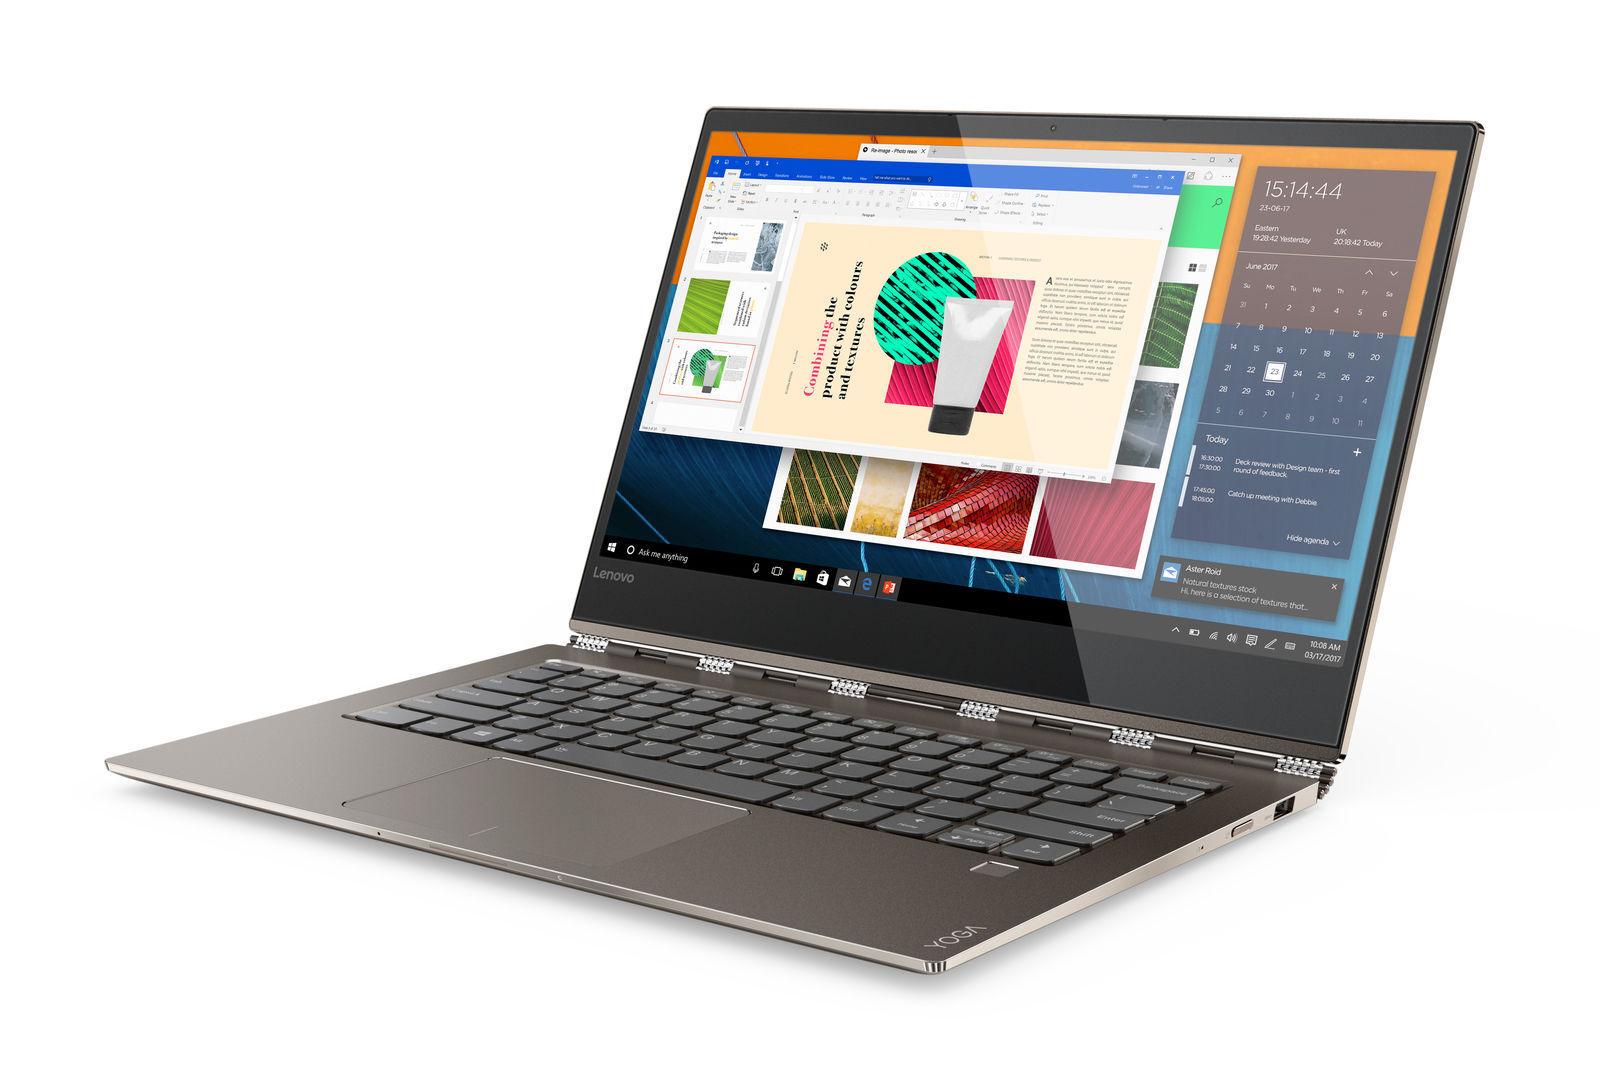 """Lenovo Yoga 920 13.9"""" (256GB, Intel Core i7 8th Gen., 1.80GHz, 8GB) 2 in 1 Conve"""